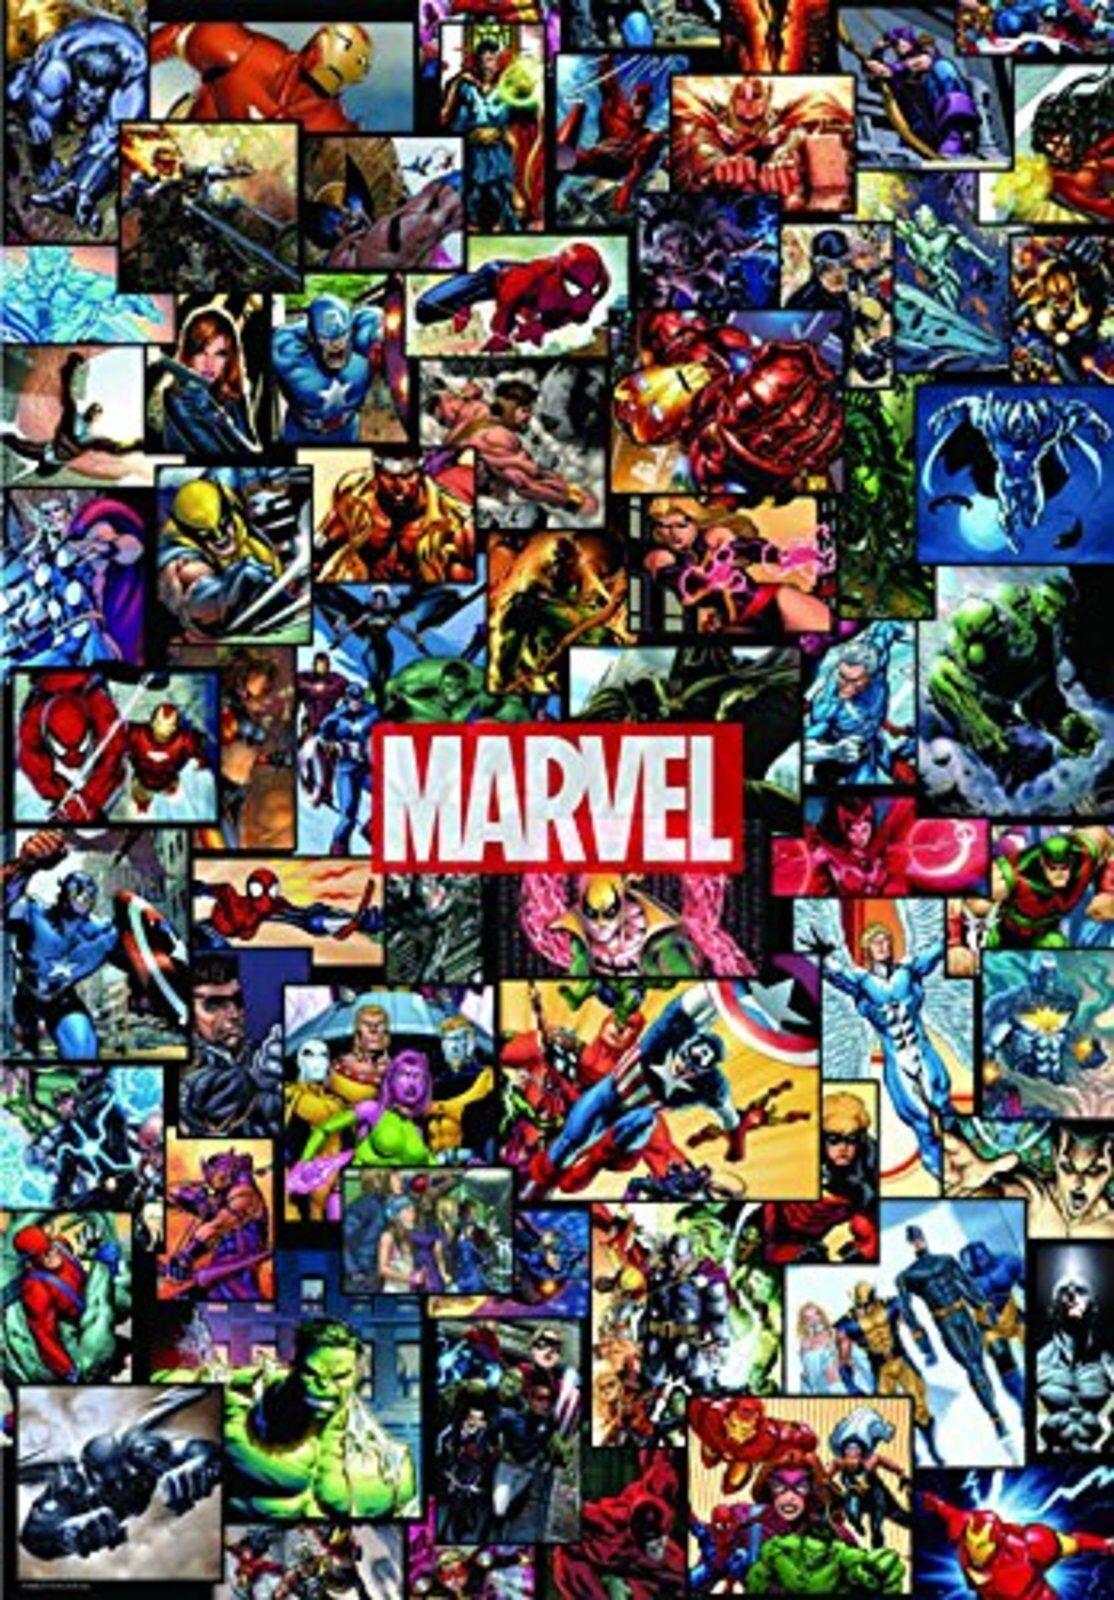 Marvel Universe 1,000 Piece Jigsaw Puzzle (51x73.5cm) F S  avec Nº de suivi Japan nouveau  avec 60% de réduction